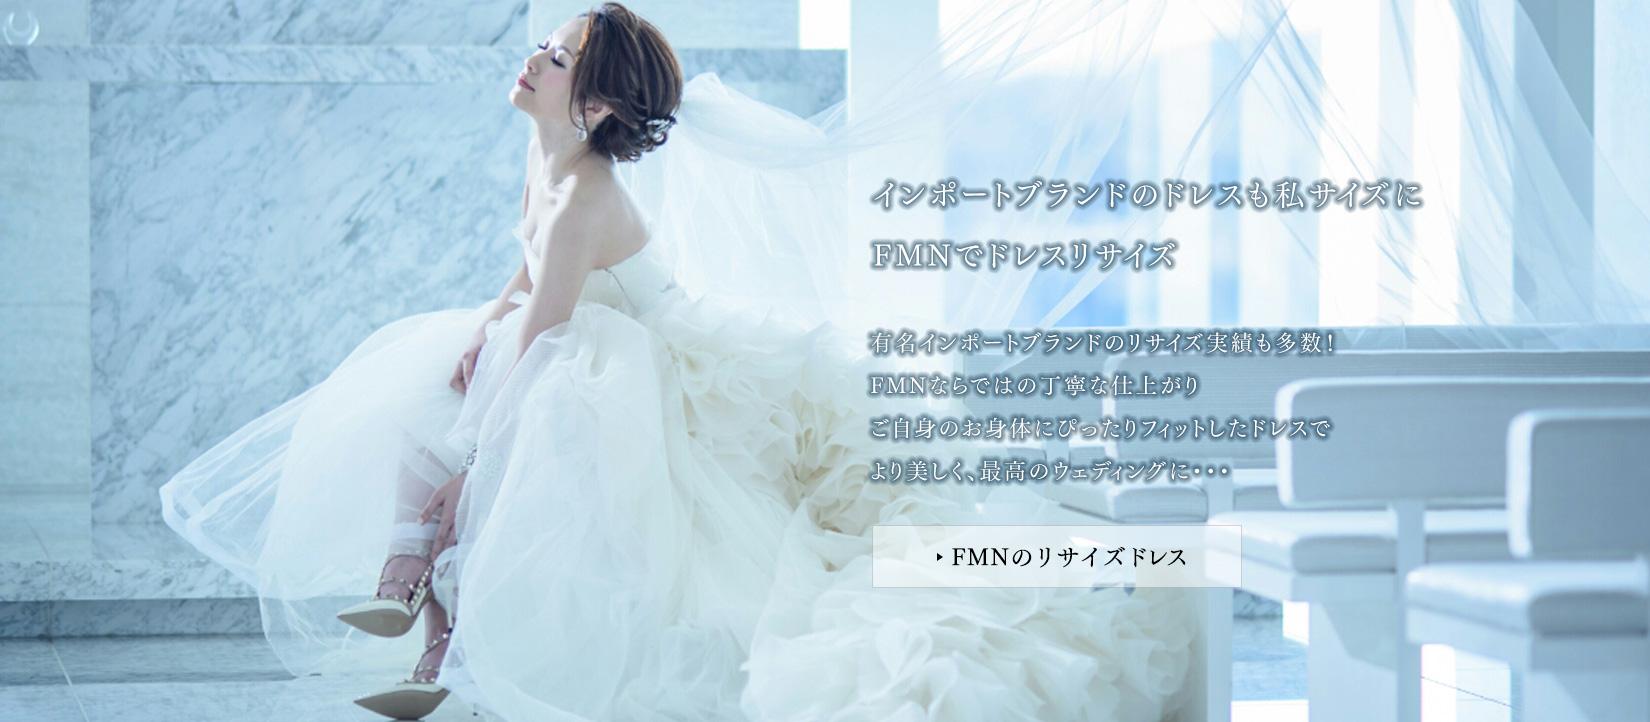 インポートブランドのドレスも私サイズにFMNでドレスリサイズ